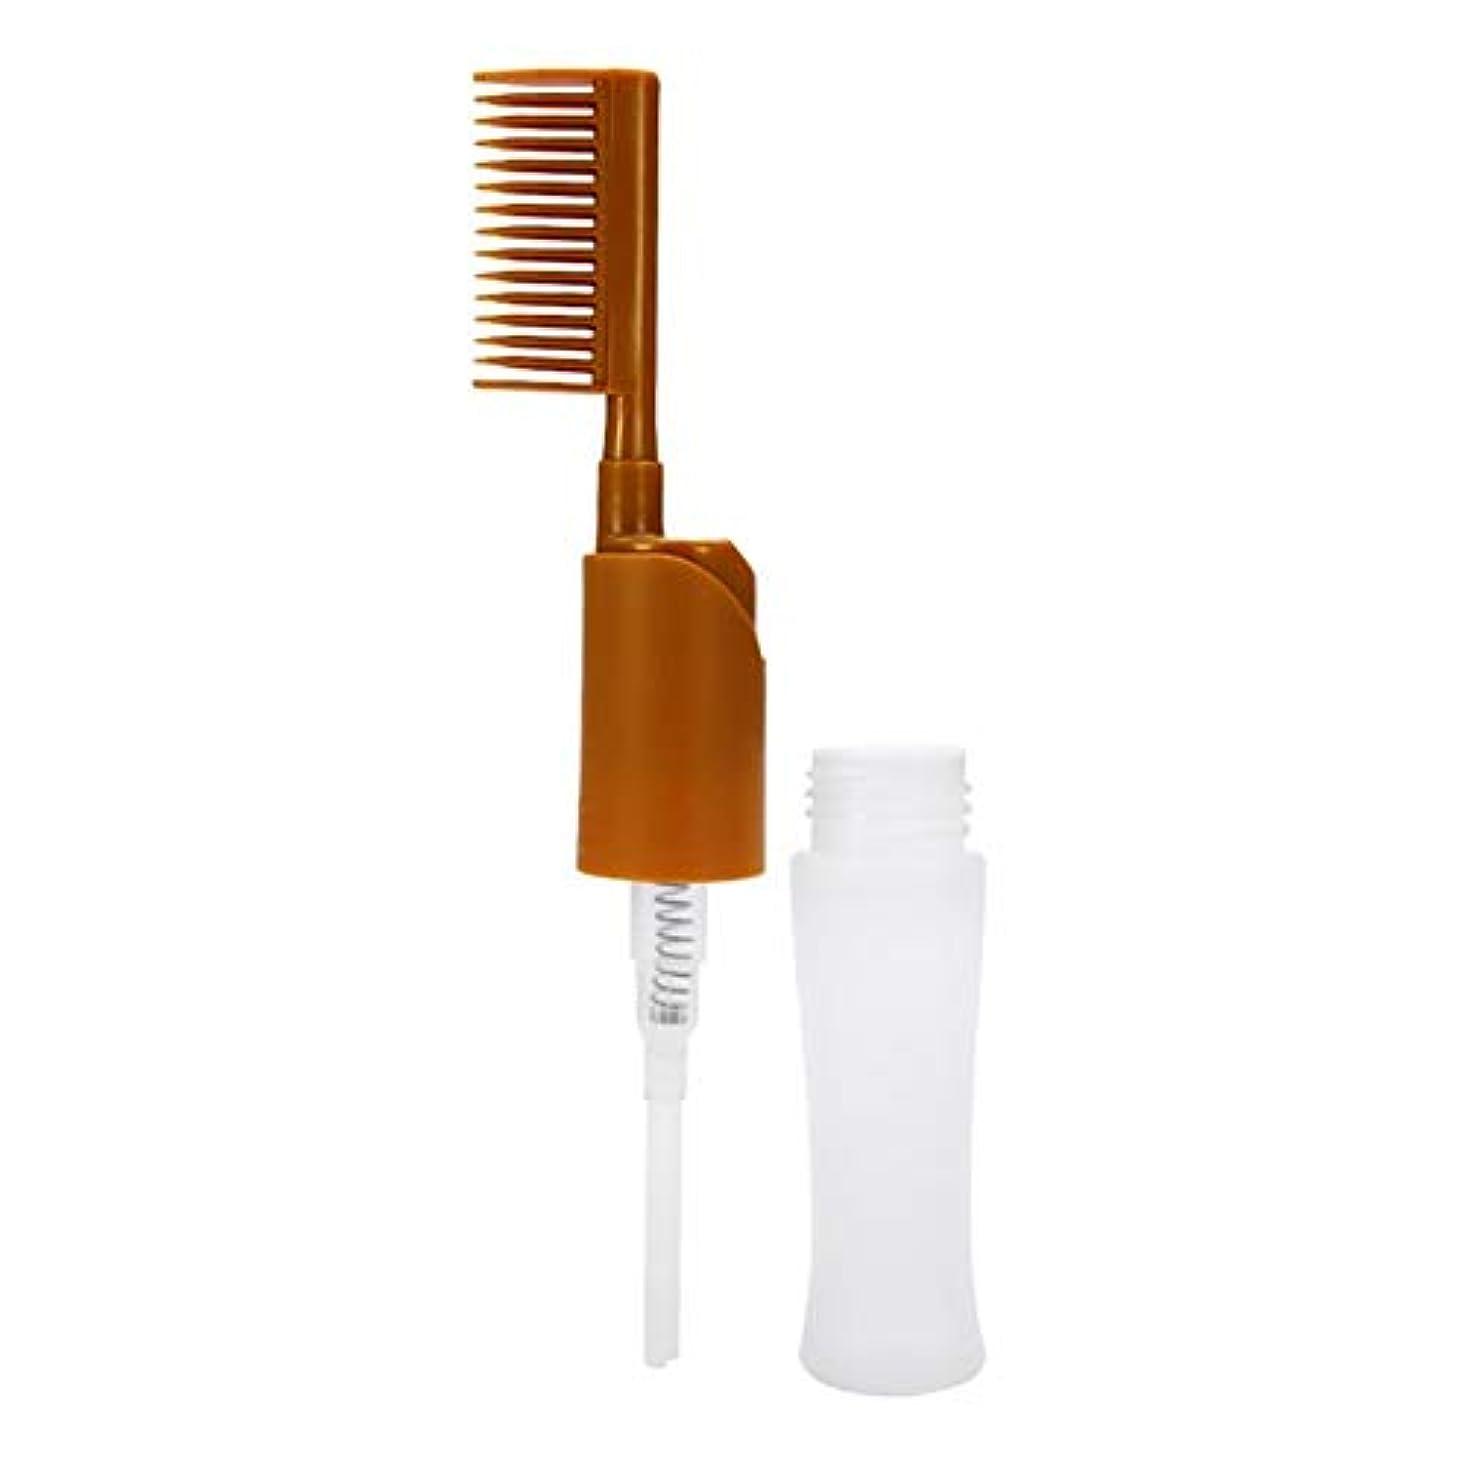 学校の先生現像マニュアル櫛染毛の毛は、プロ型ディスペンサーボトル櫛毛染めアプリケータボトルスタイリングツールの美しさを染めます